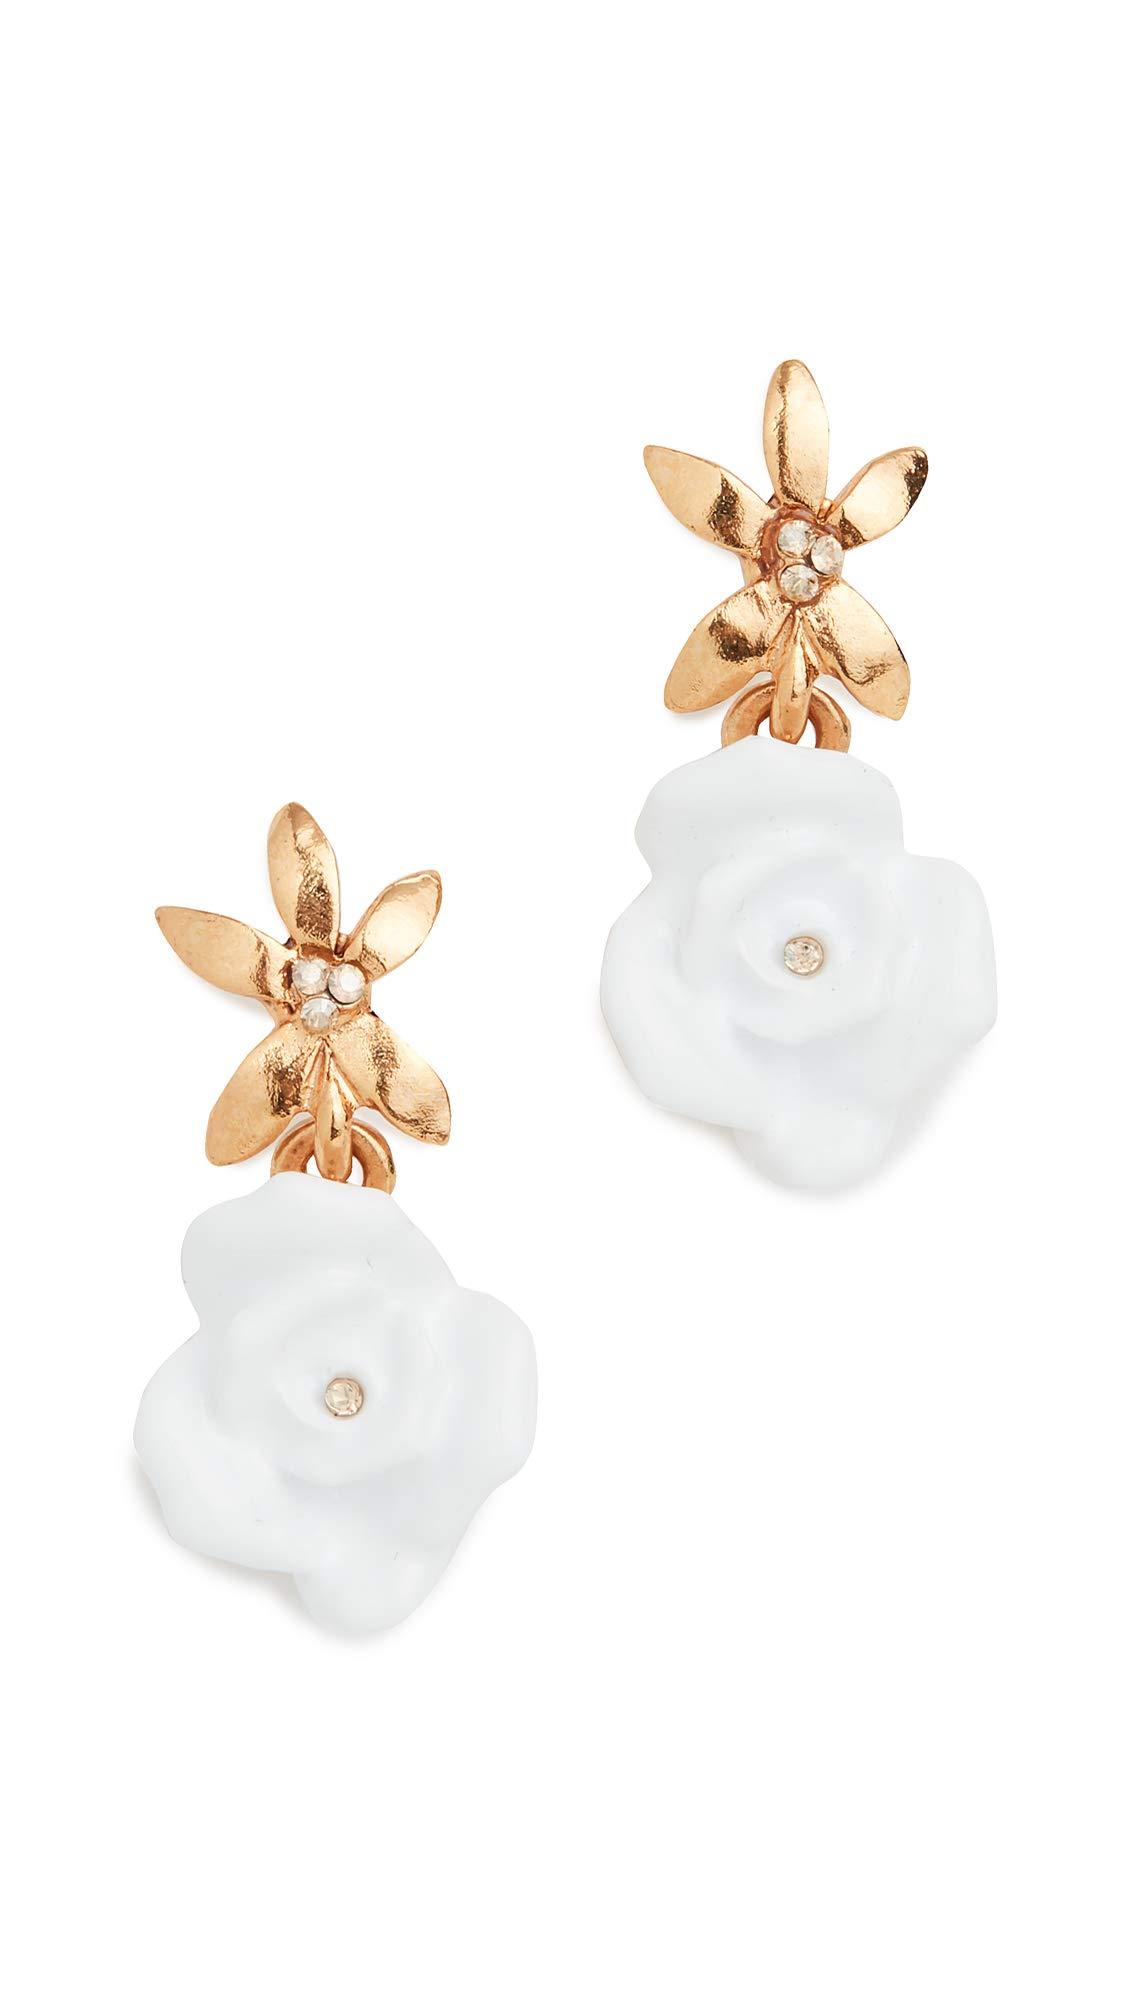 Oscar de la Renta Women's Resin Rose with Pointed Flower Earrings